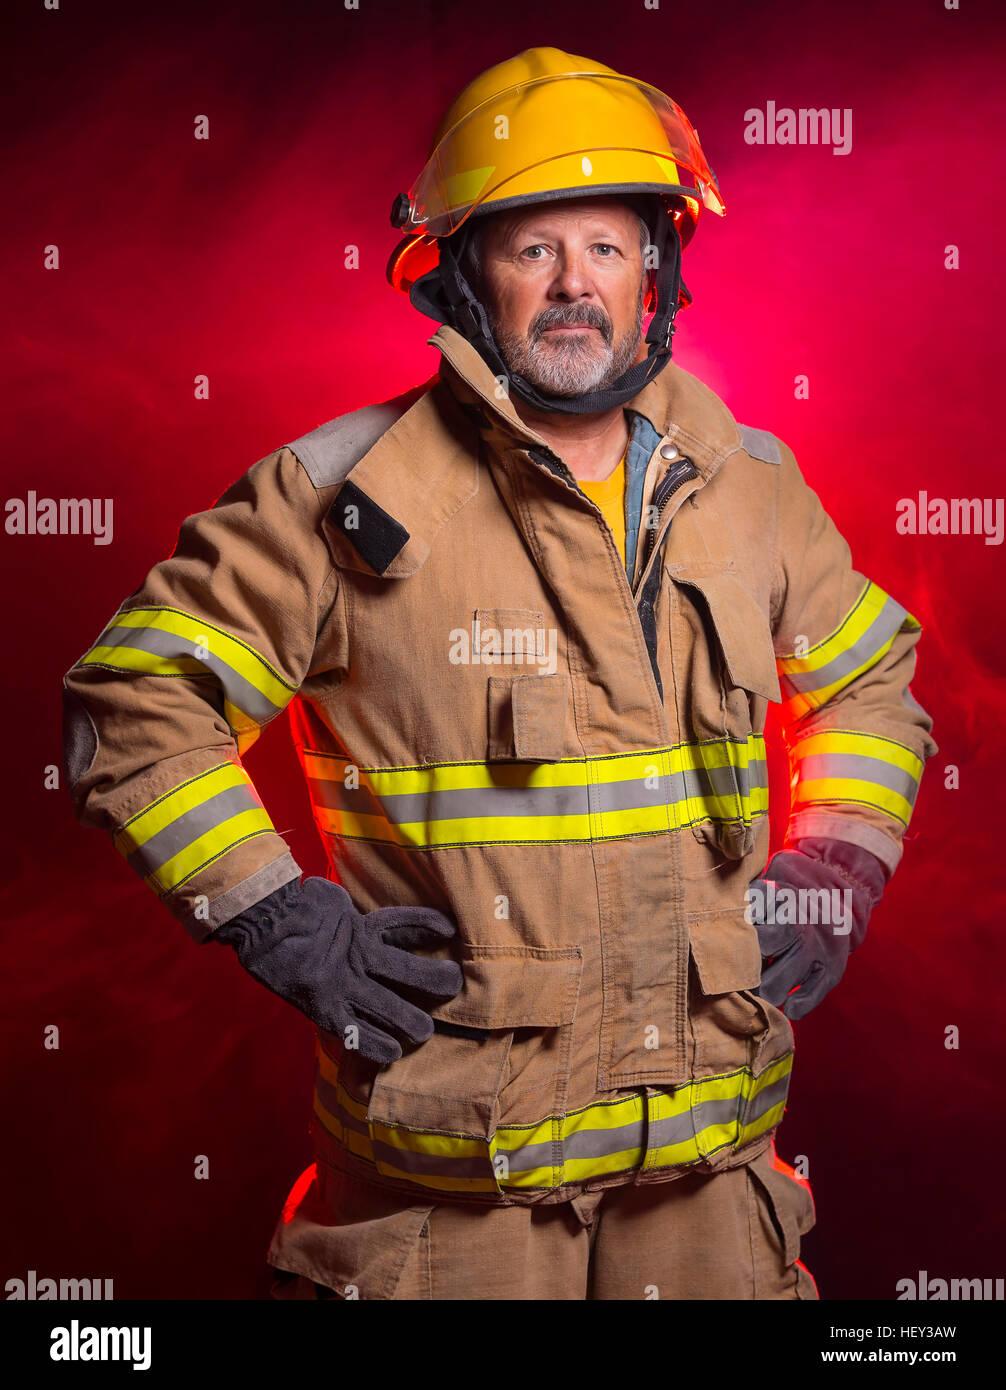 Dei vigili del fuoco CASCO GIALLO FIRE FIGHTER CASCO